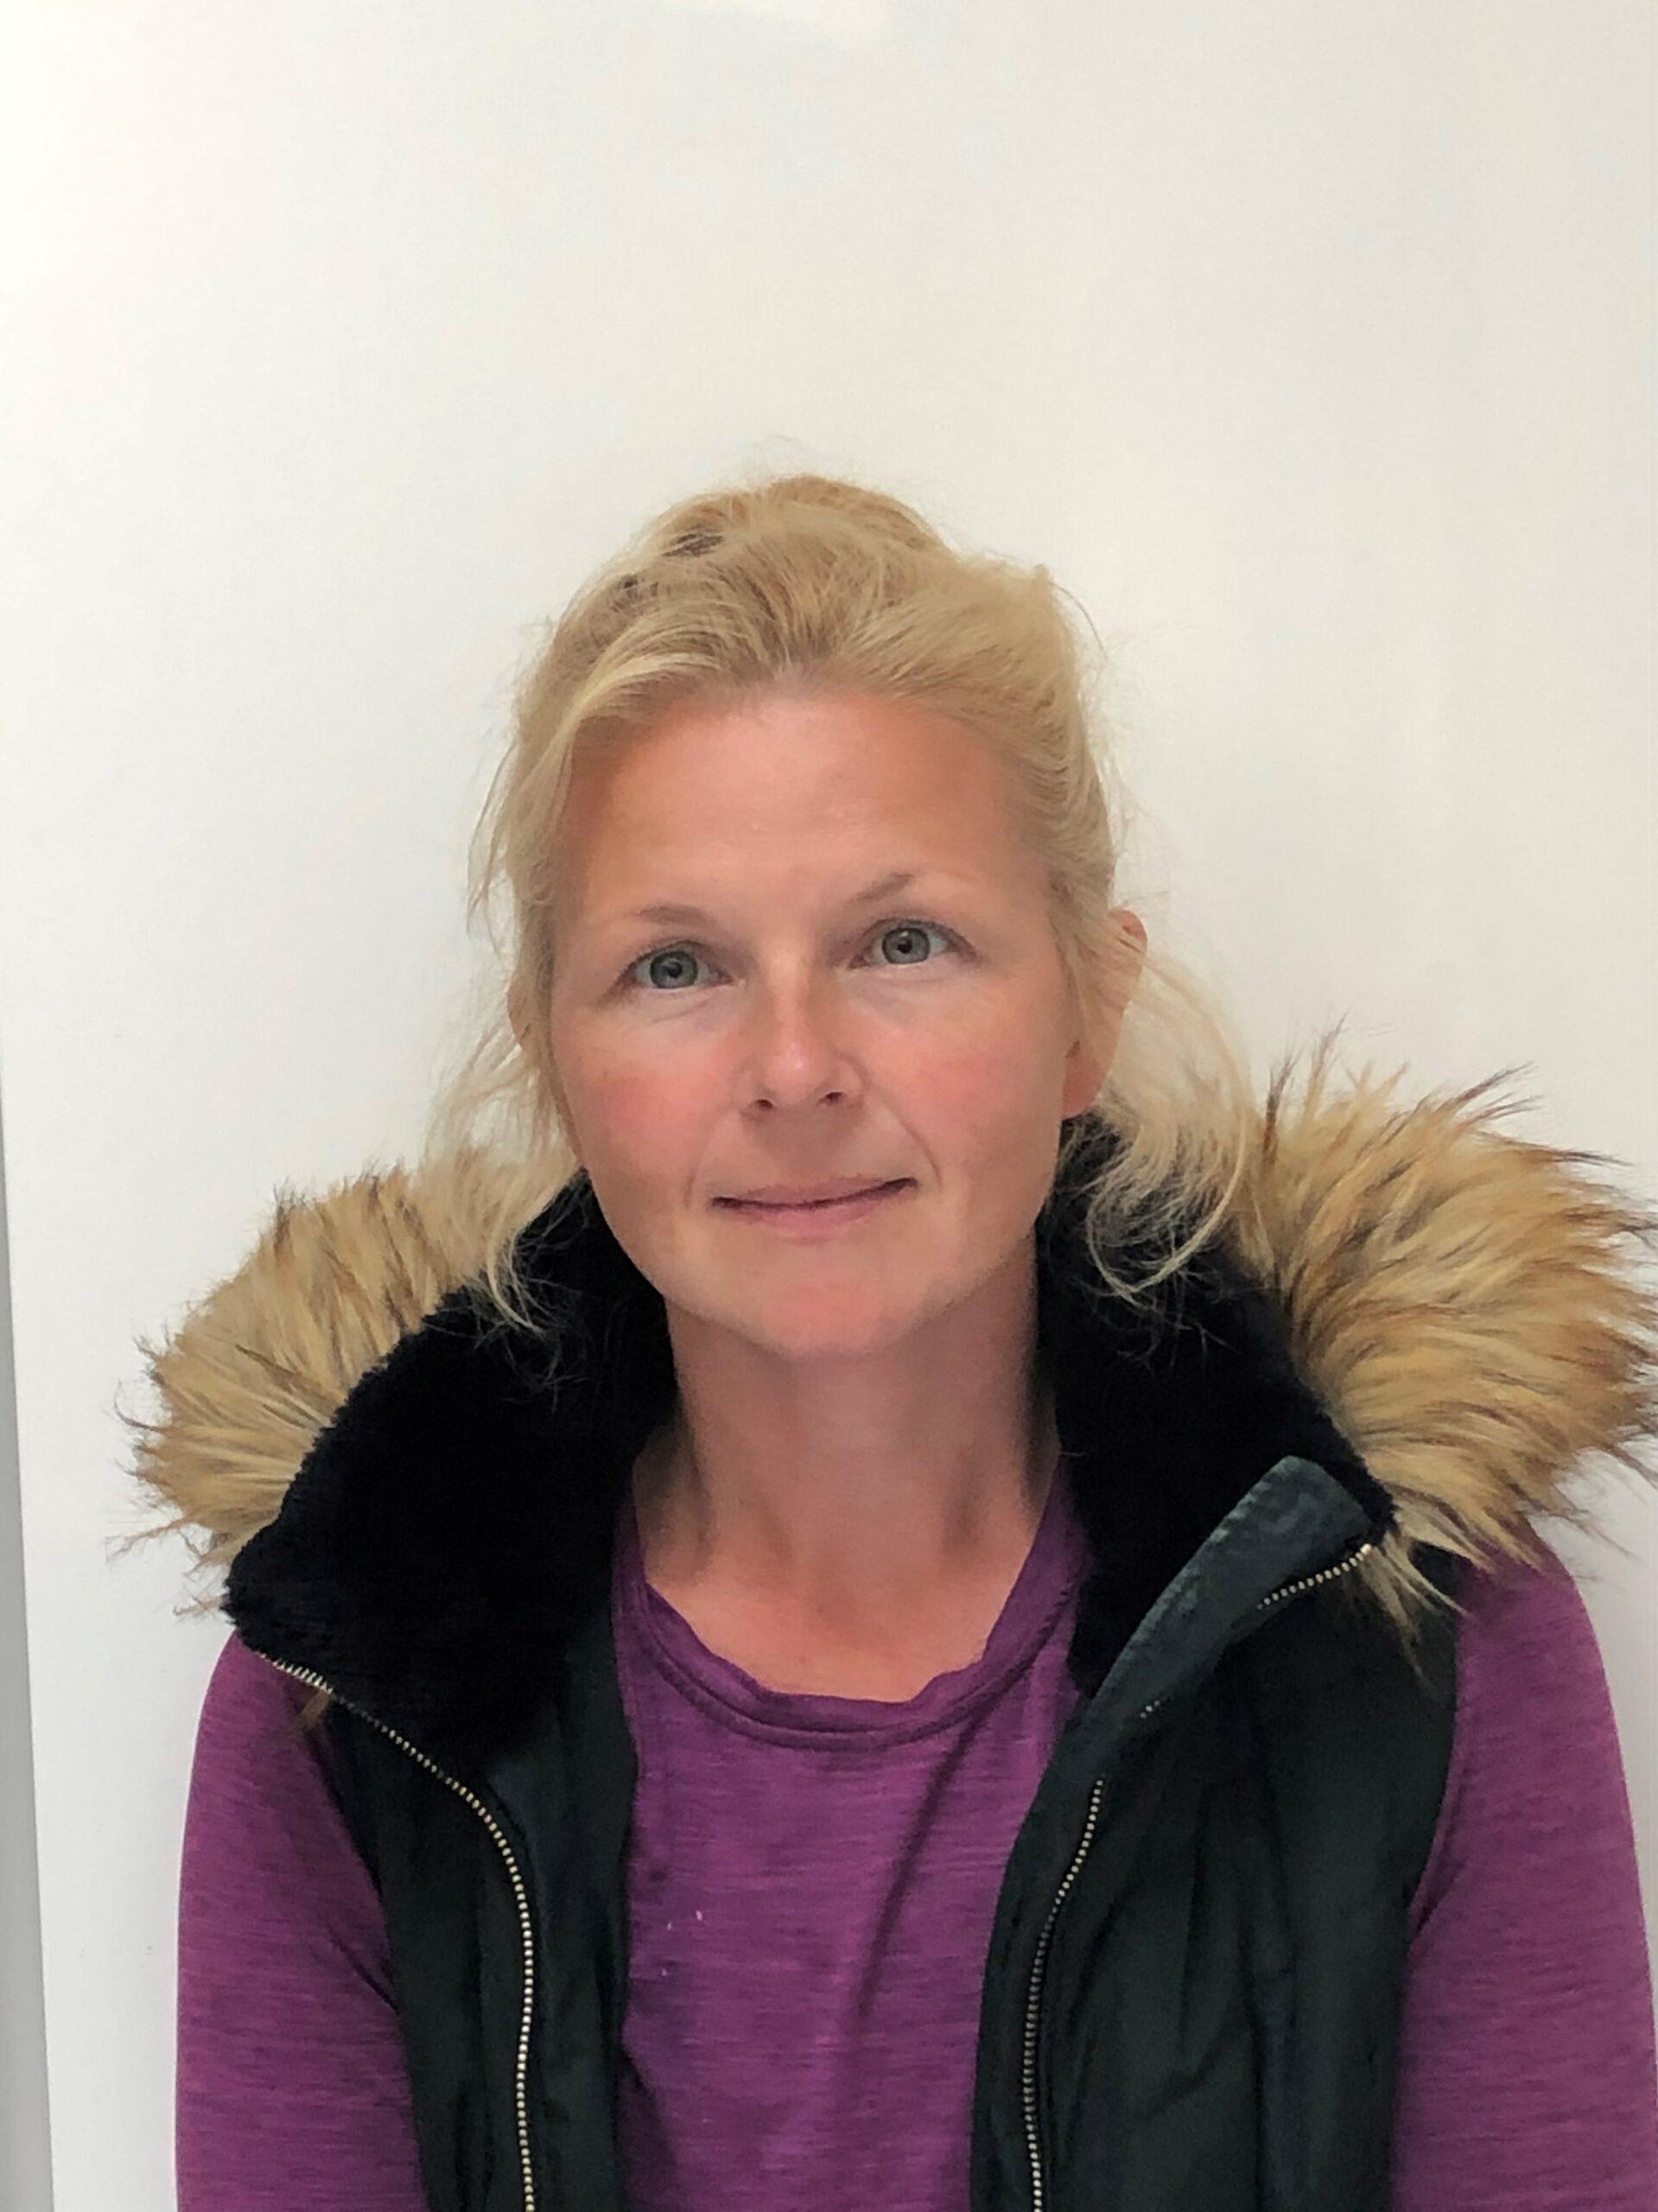 https://www.learningtoshapebirmingham.co.uk/wp-content/uploads/2020/09/Amy-Lavin-scaled.jpg